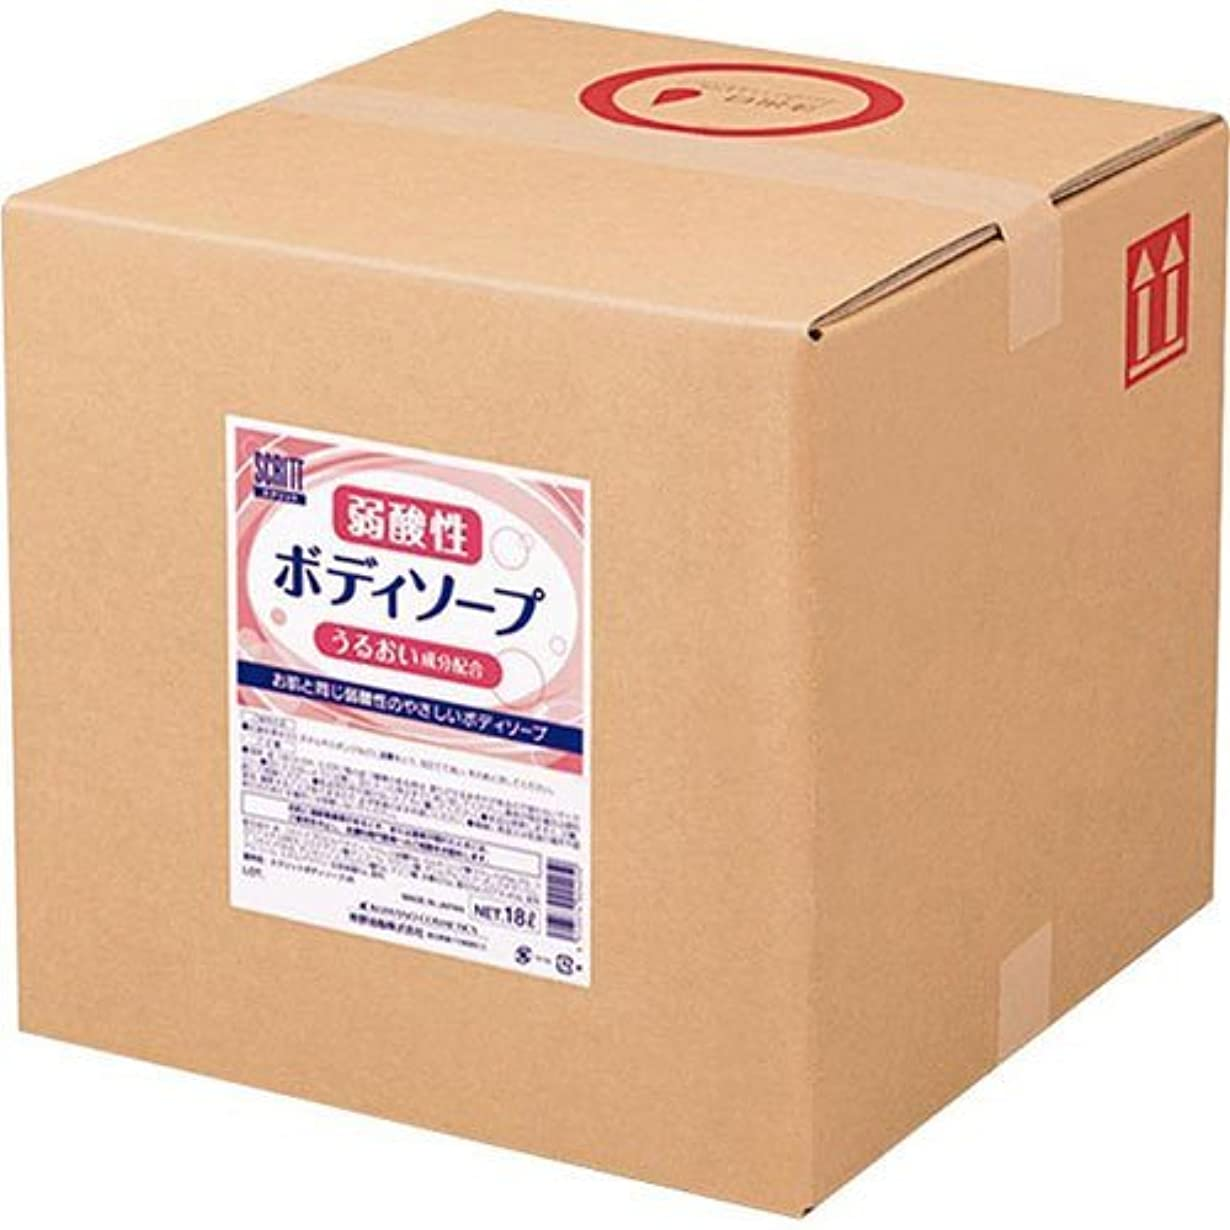 素晴らしいですみがきますミトン熊野油脂 業務用 SCRITT(スクリット) 弱酸性ボディソープ 18L